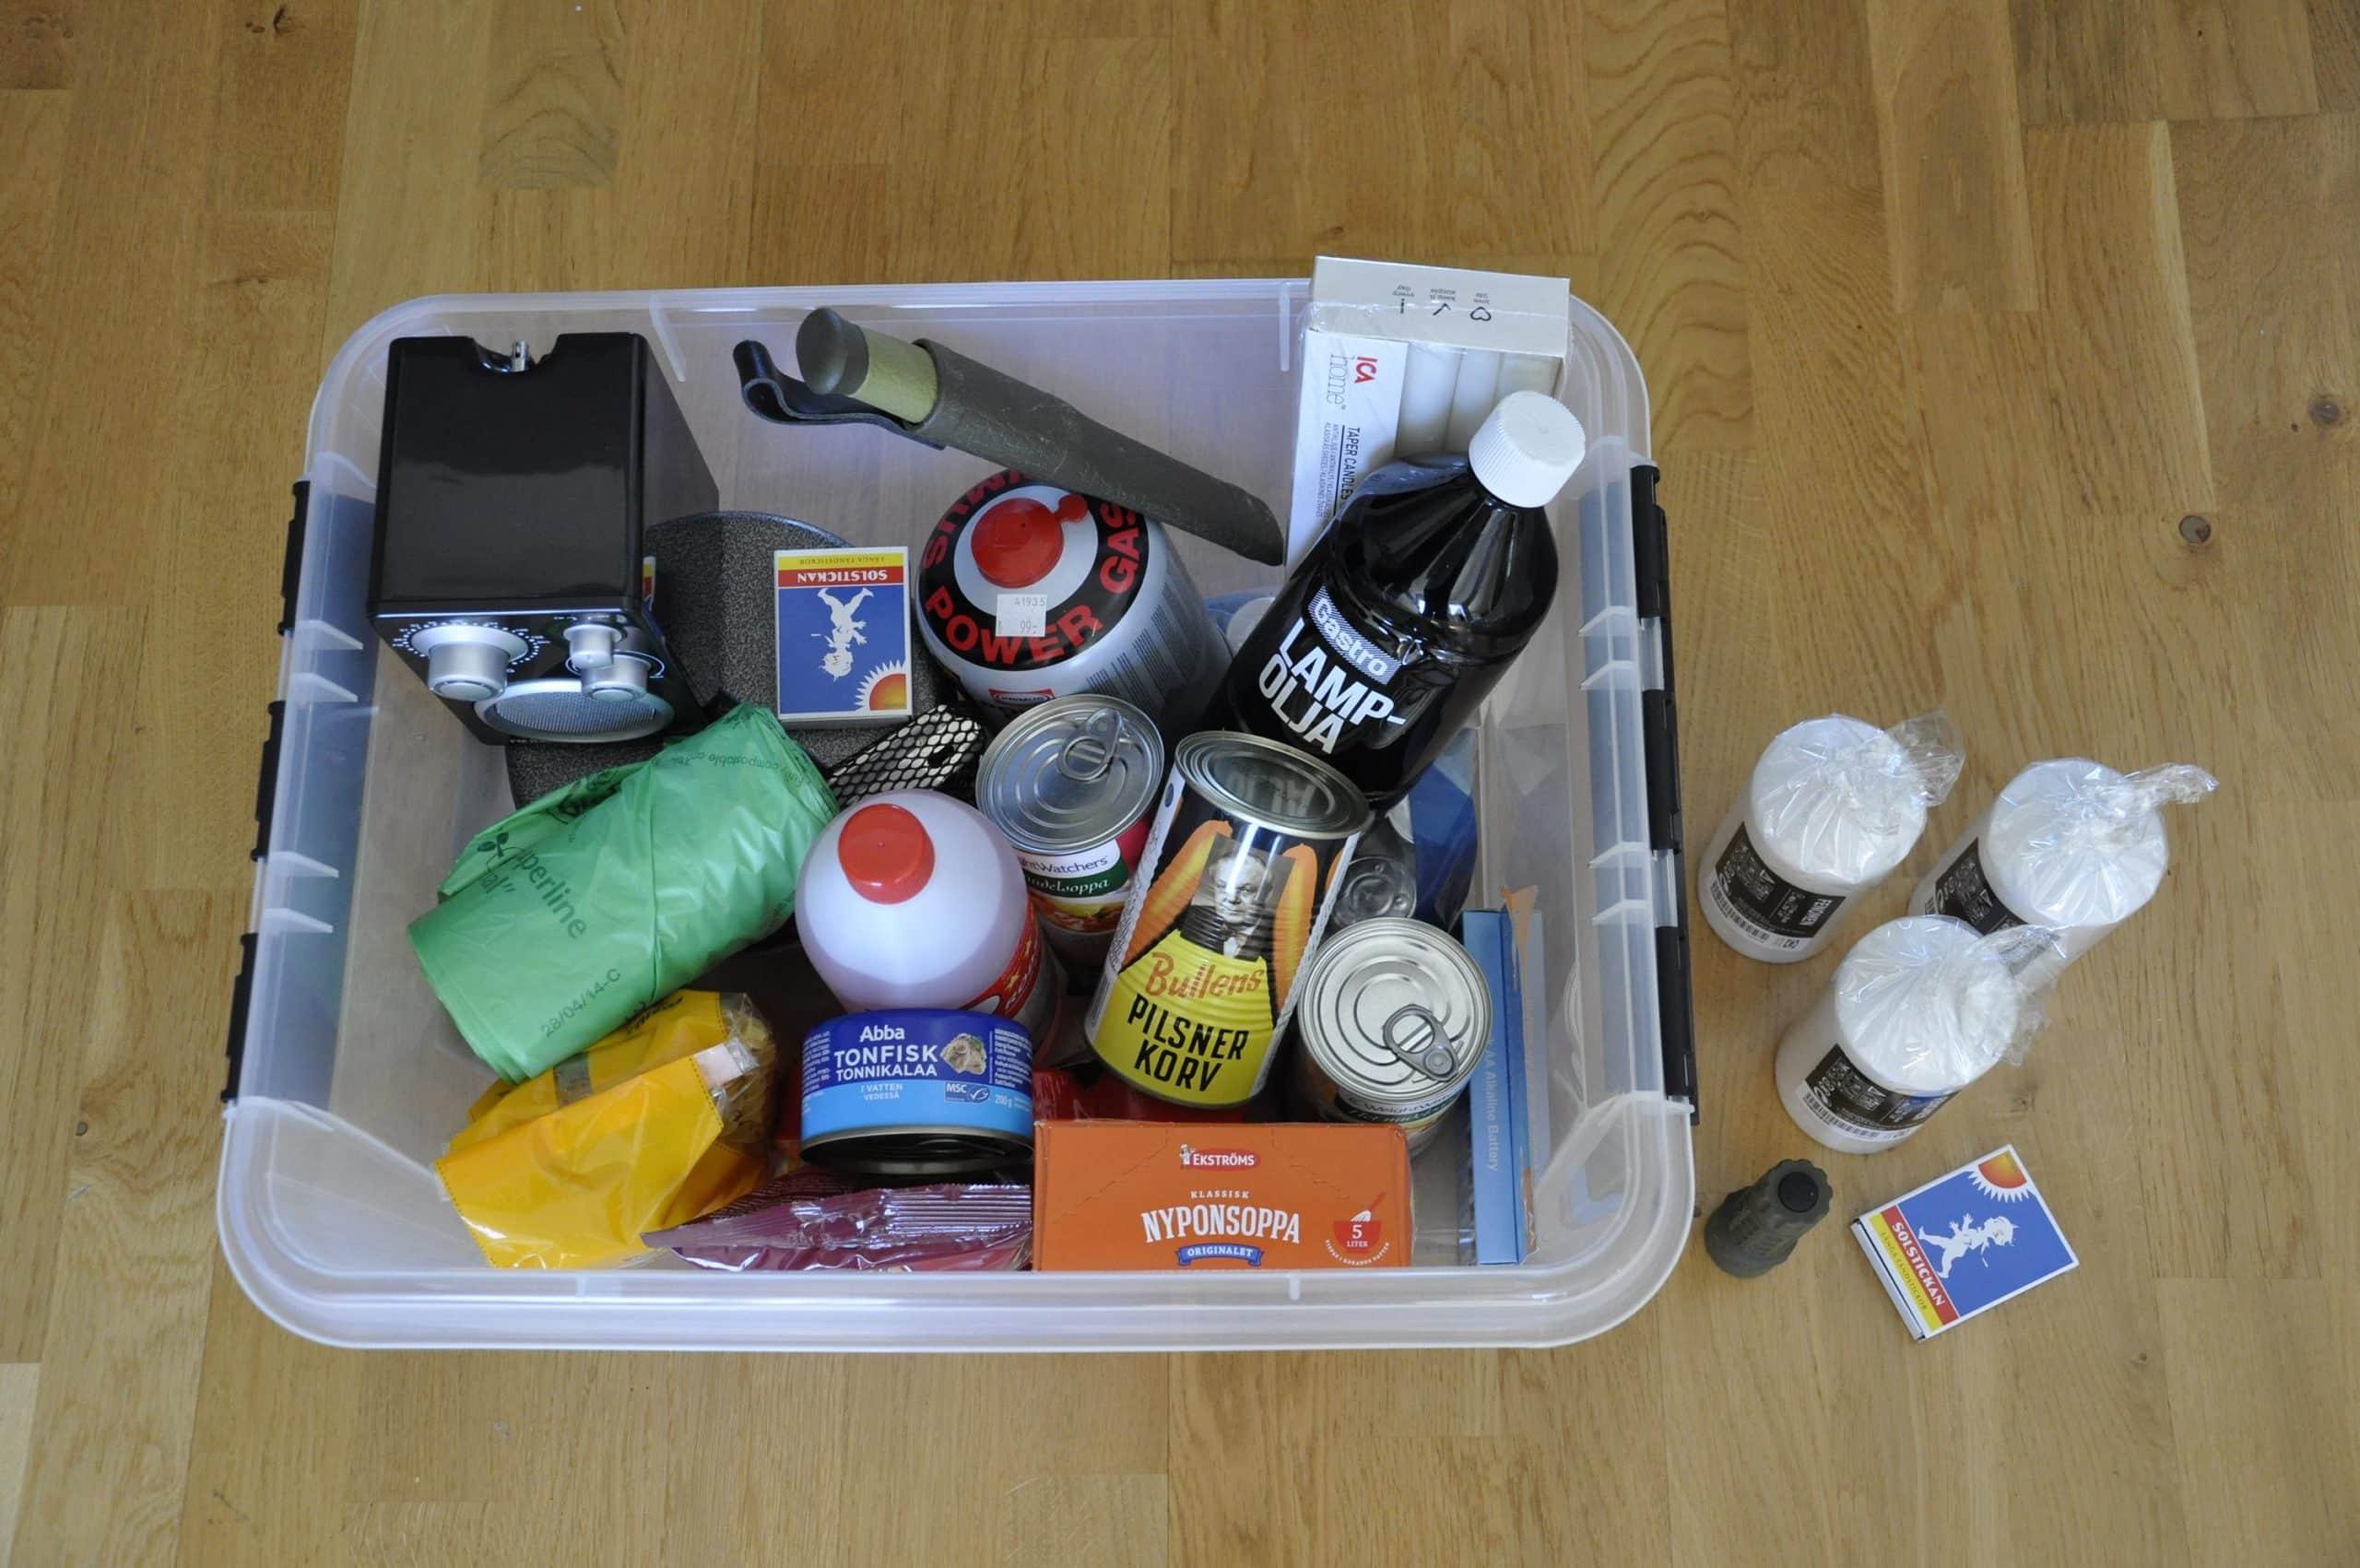 En plastlåda som innehåller saker som kan behövas för att klara krisen som konserver, värmeljus och tändstickor, plastpåsar, lampolja och gas för matlagning m.m.